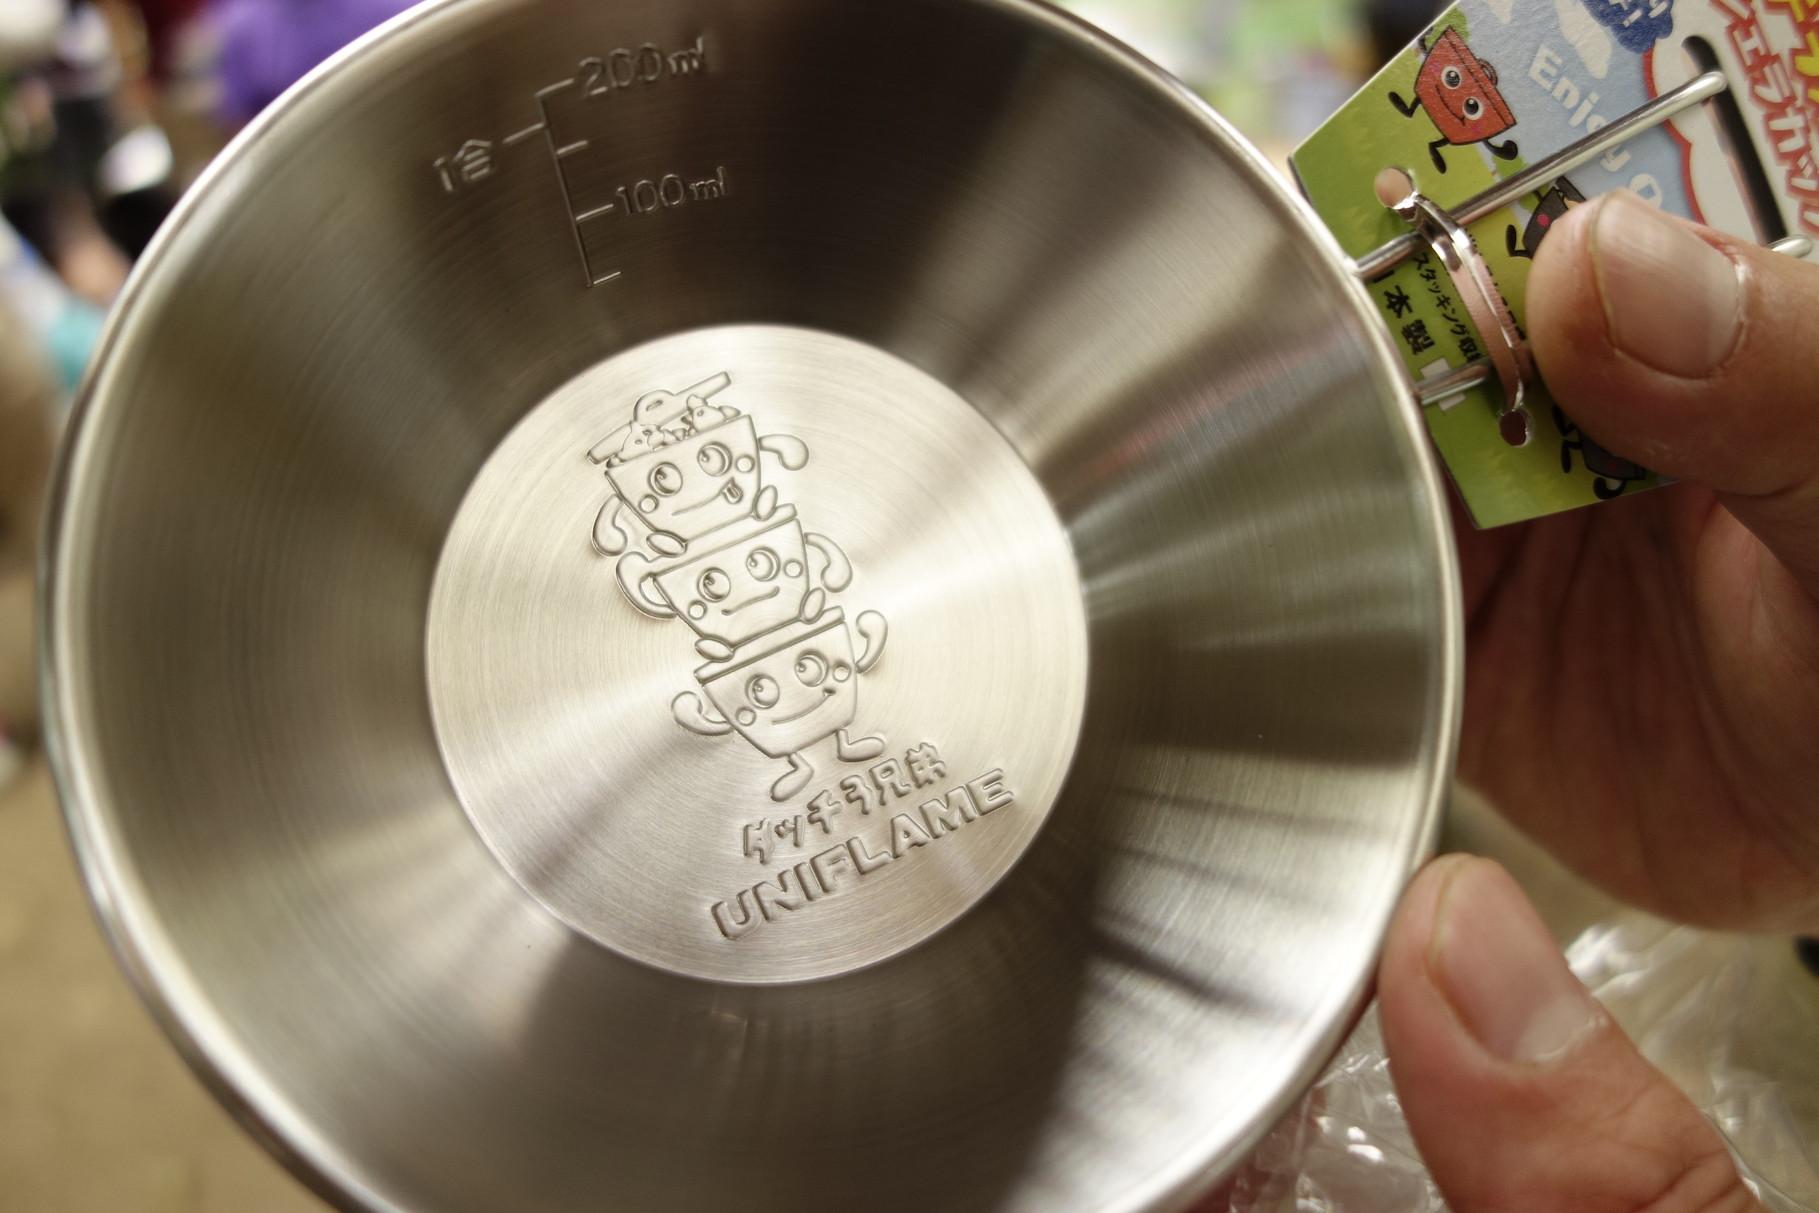 貴重なユニフレームのダッチ三兄弟シェラカップ!